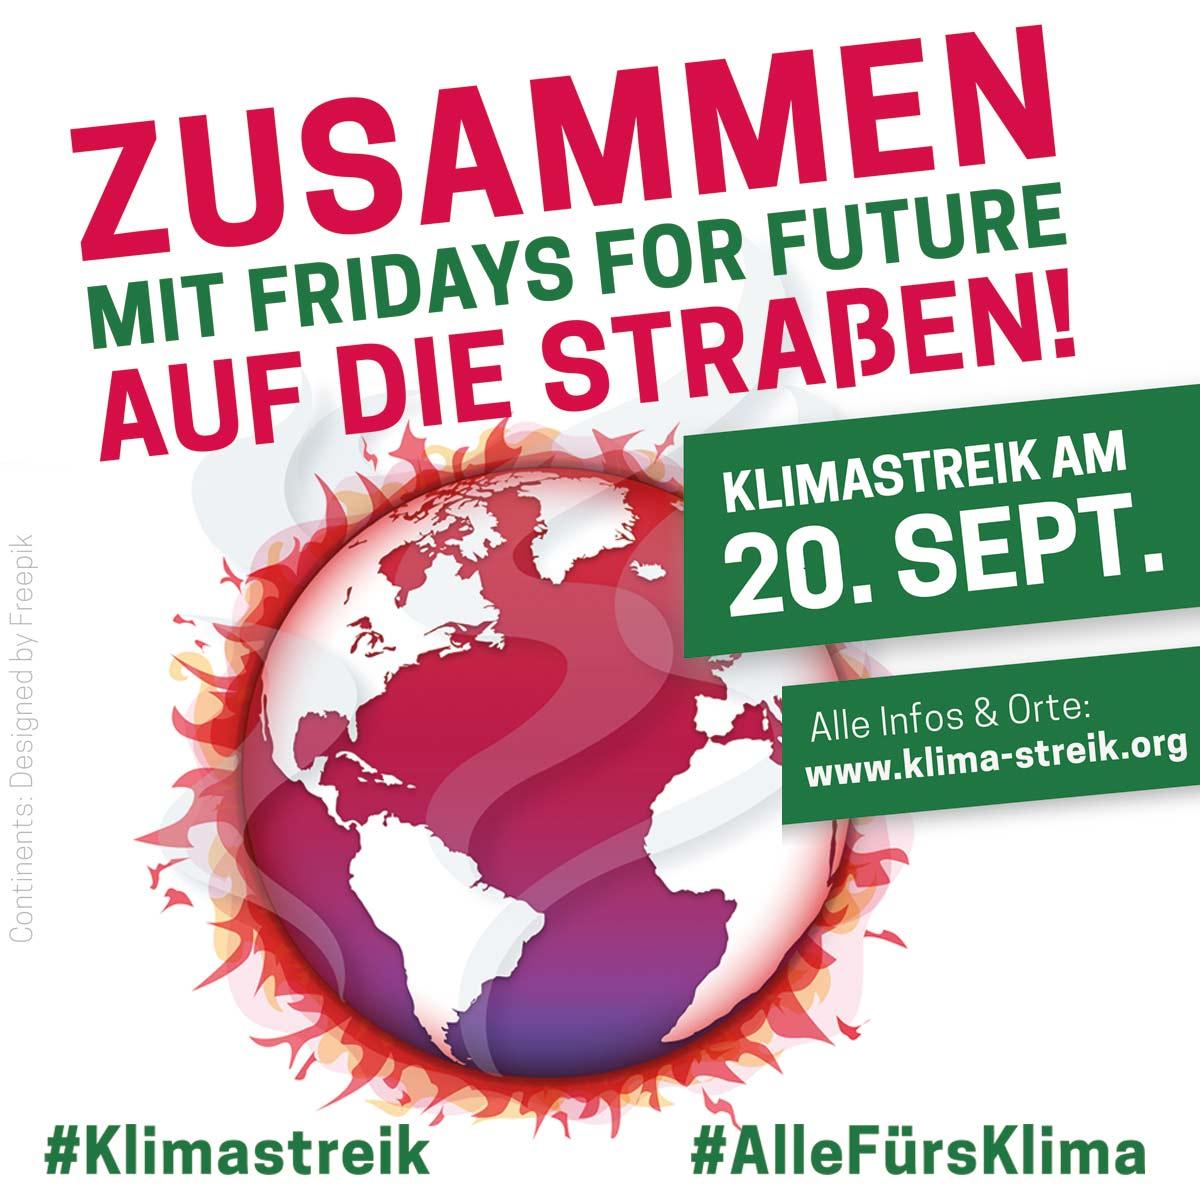 Zusammen mit Fridays for Future auf die Strasse am 20.09.2019